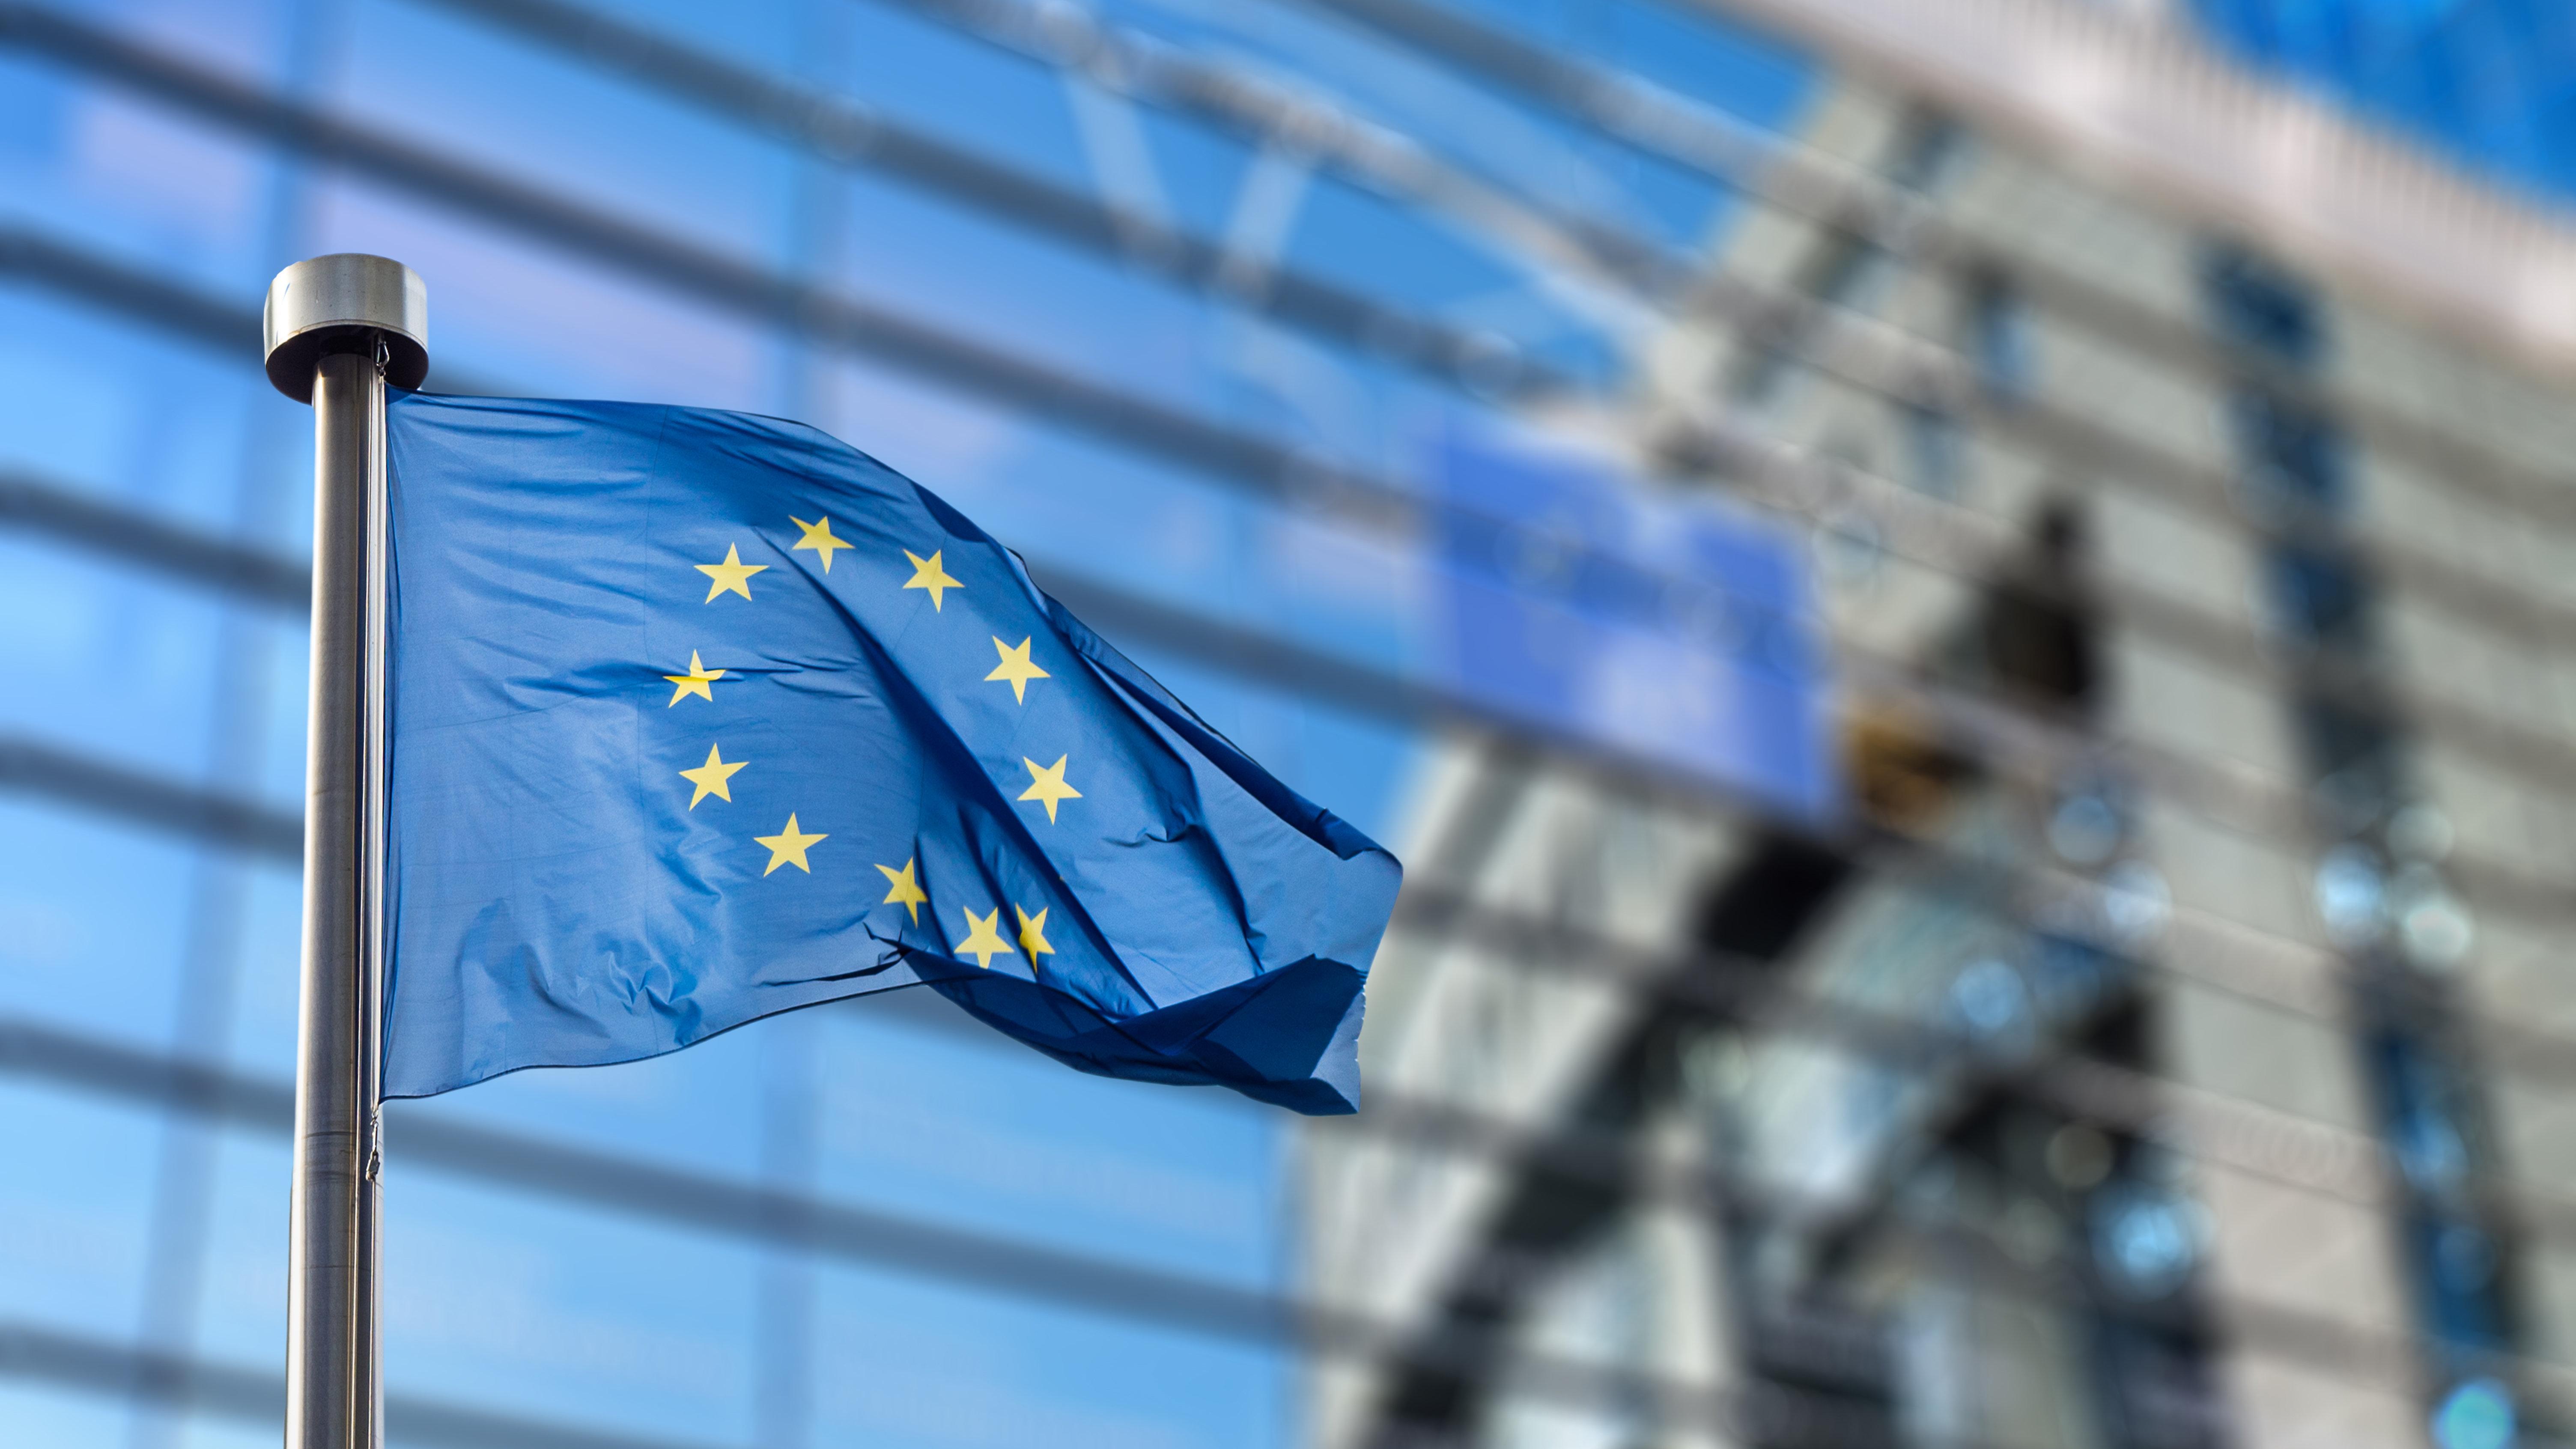 L'Union européenne va s'effondrer d'ici 20 ans, à en croire une majorité